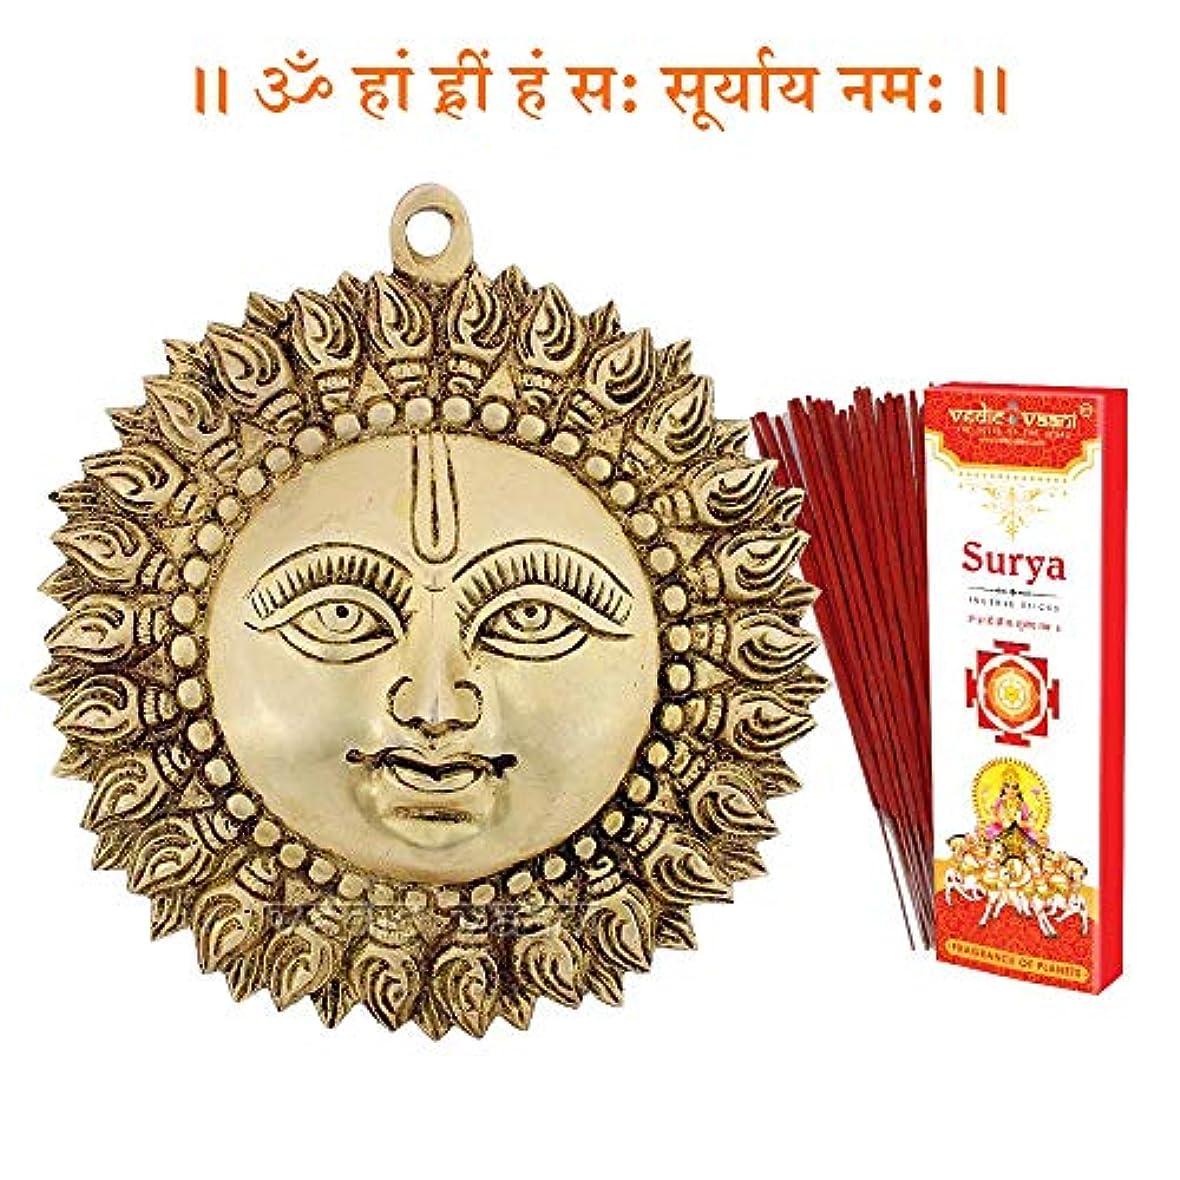 和くすぐったい平手打ちVedic Vaani Lord Surya Dev (Sun) 壁掛け Surya お香スティック付き